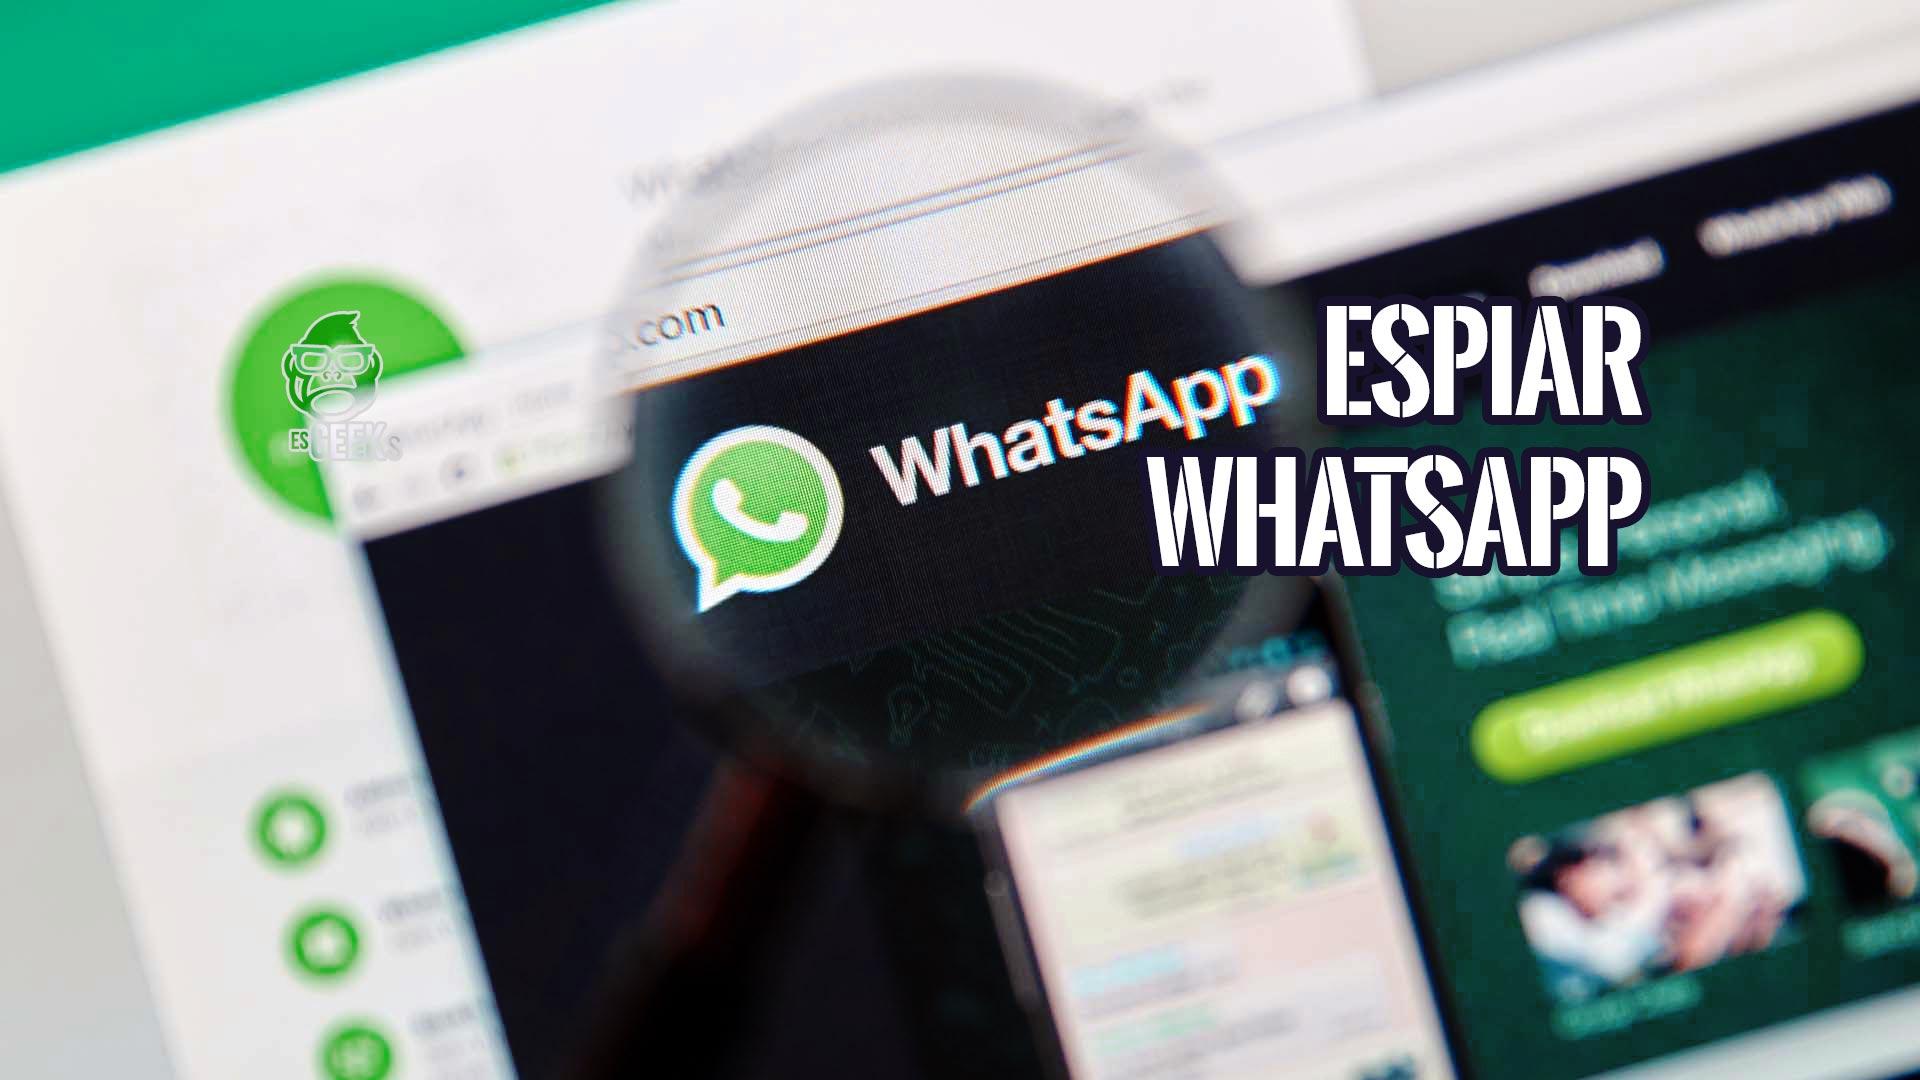 Espiar Cuenta de WhatsApp con Spyic